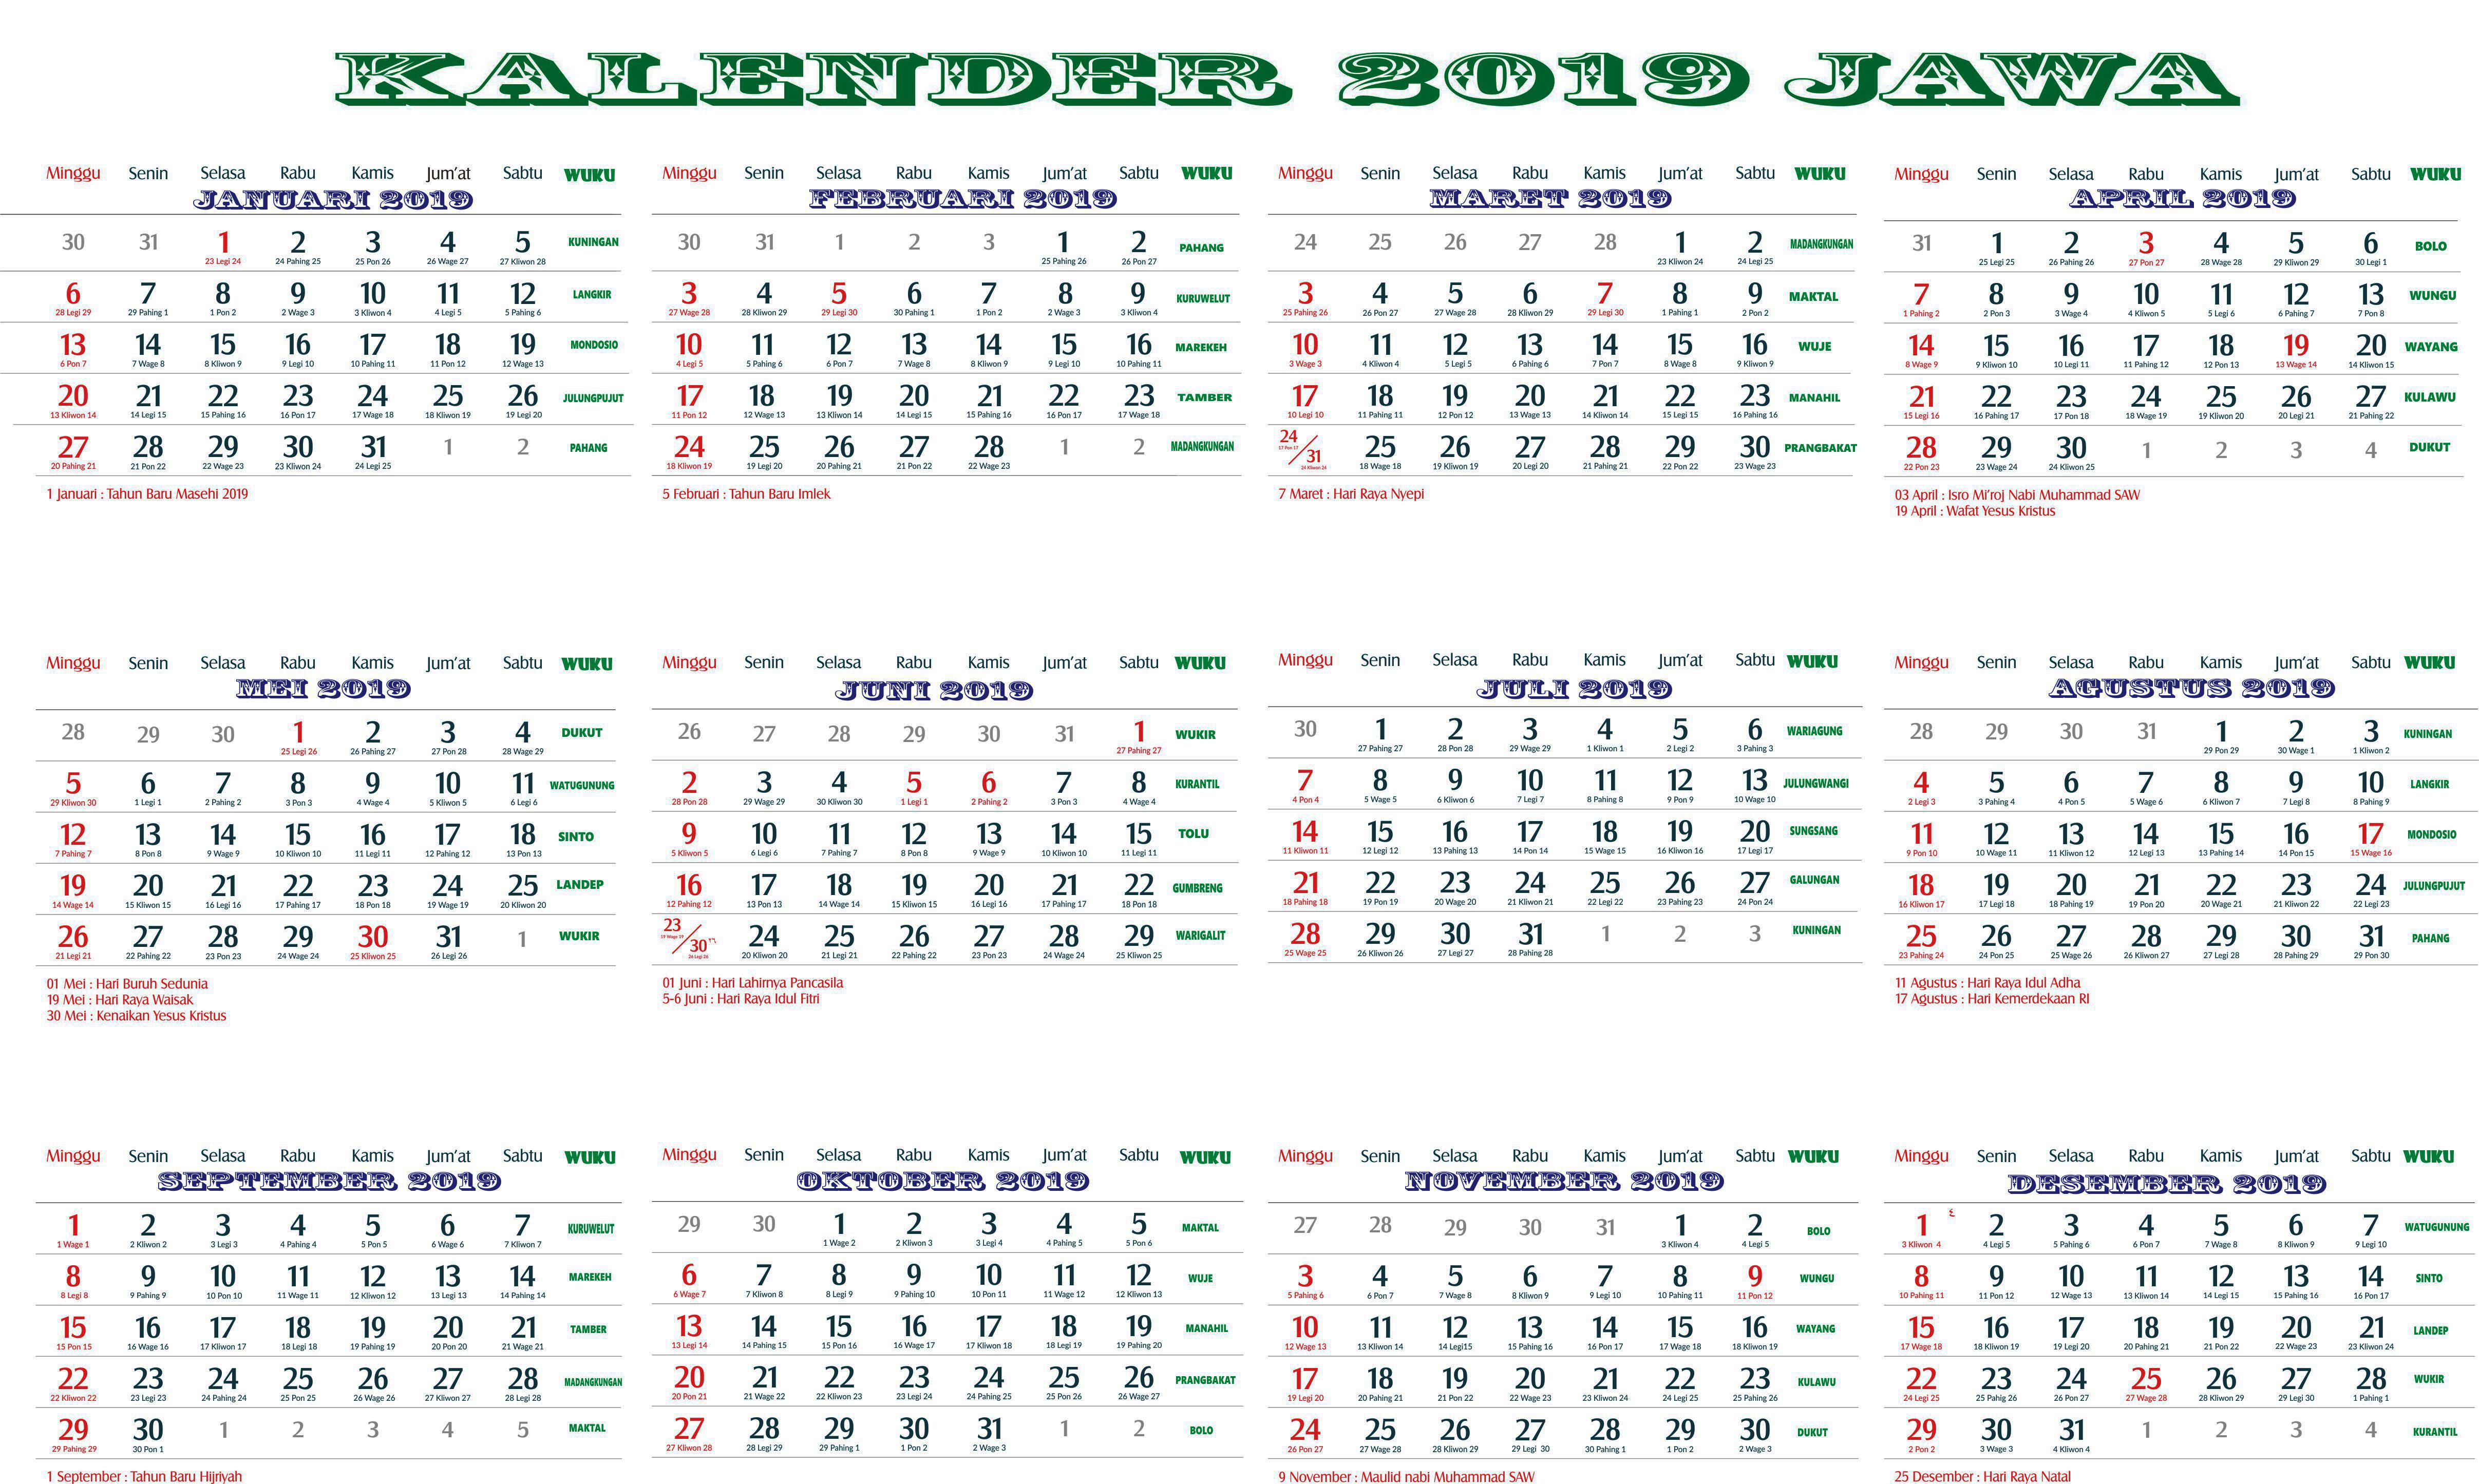 Kalender 2019 jawa lengkap bulan, Hari Pasaran dan Wuku Hari